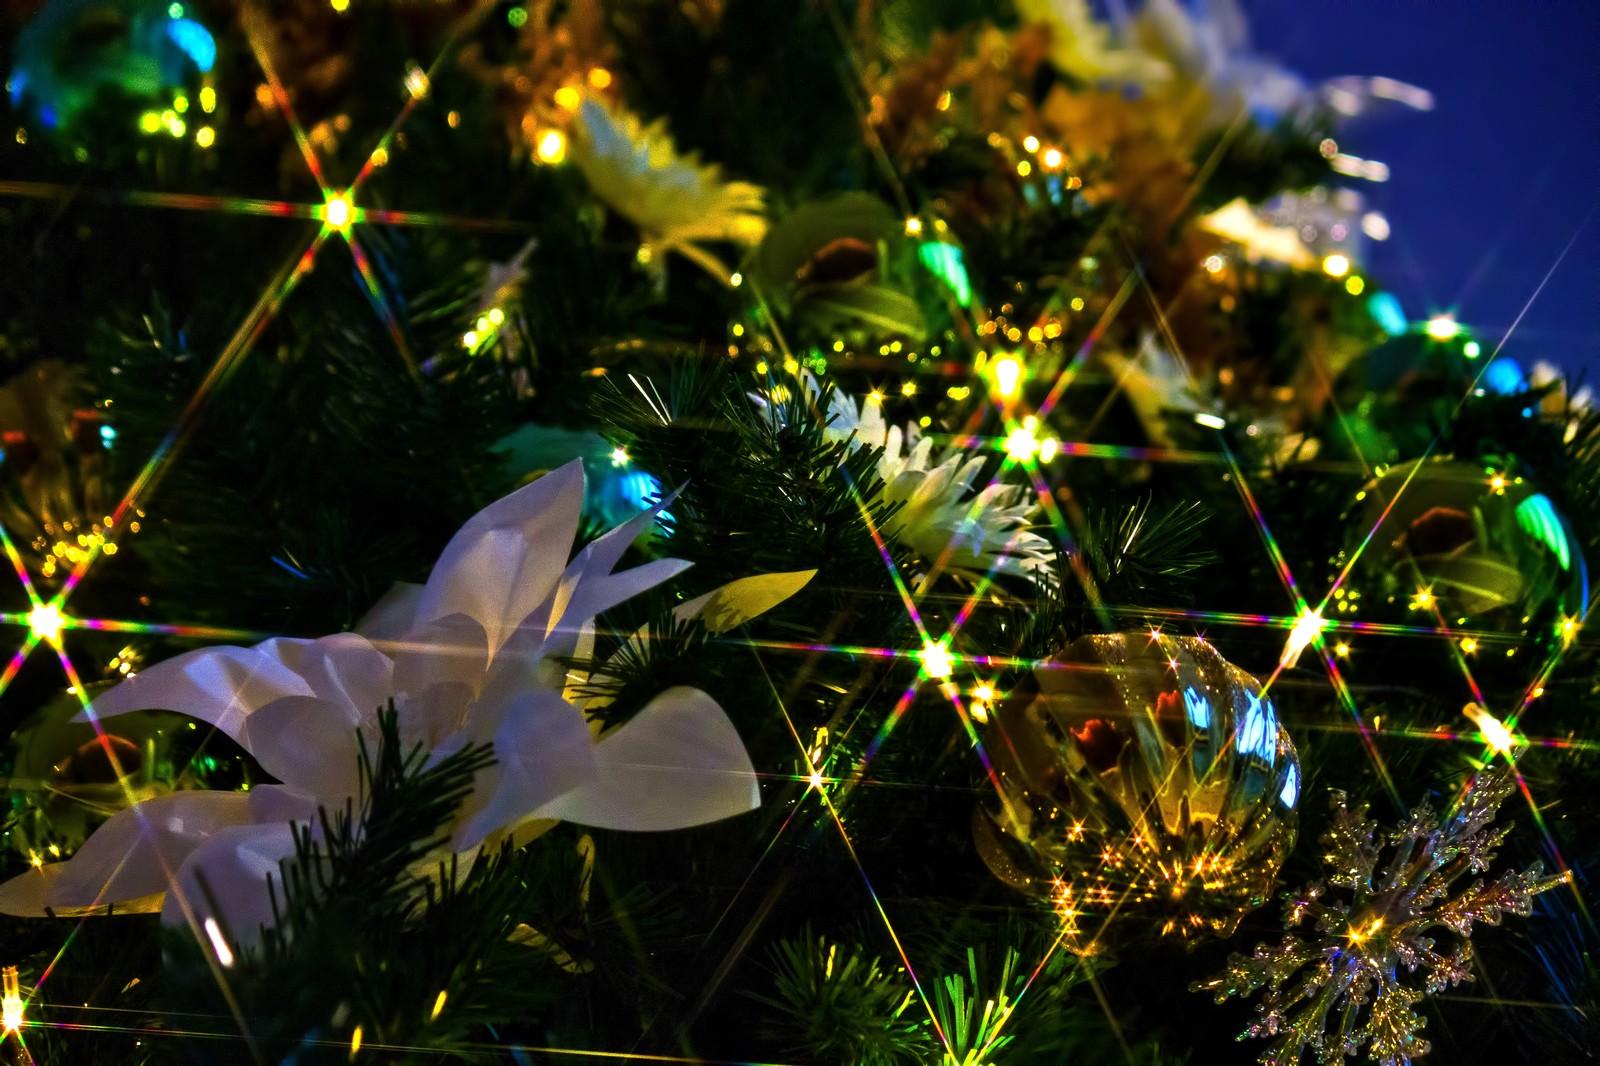 「輝くクリスマスツリーの飾り」の写真